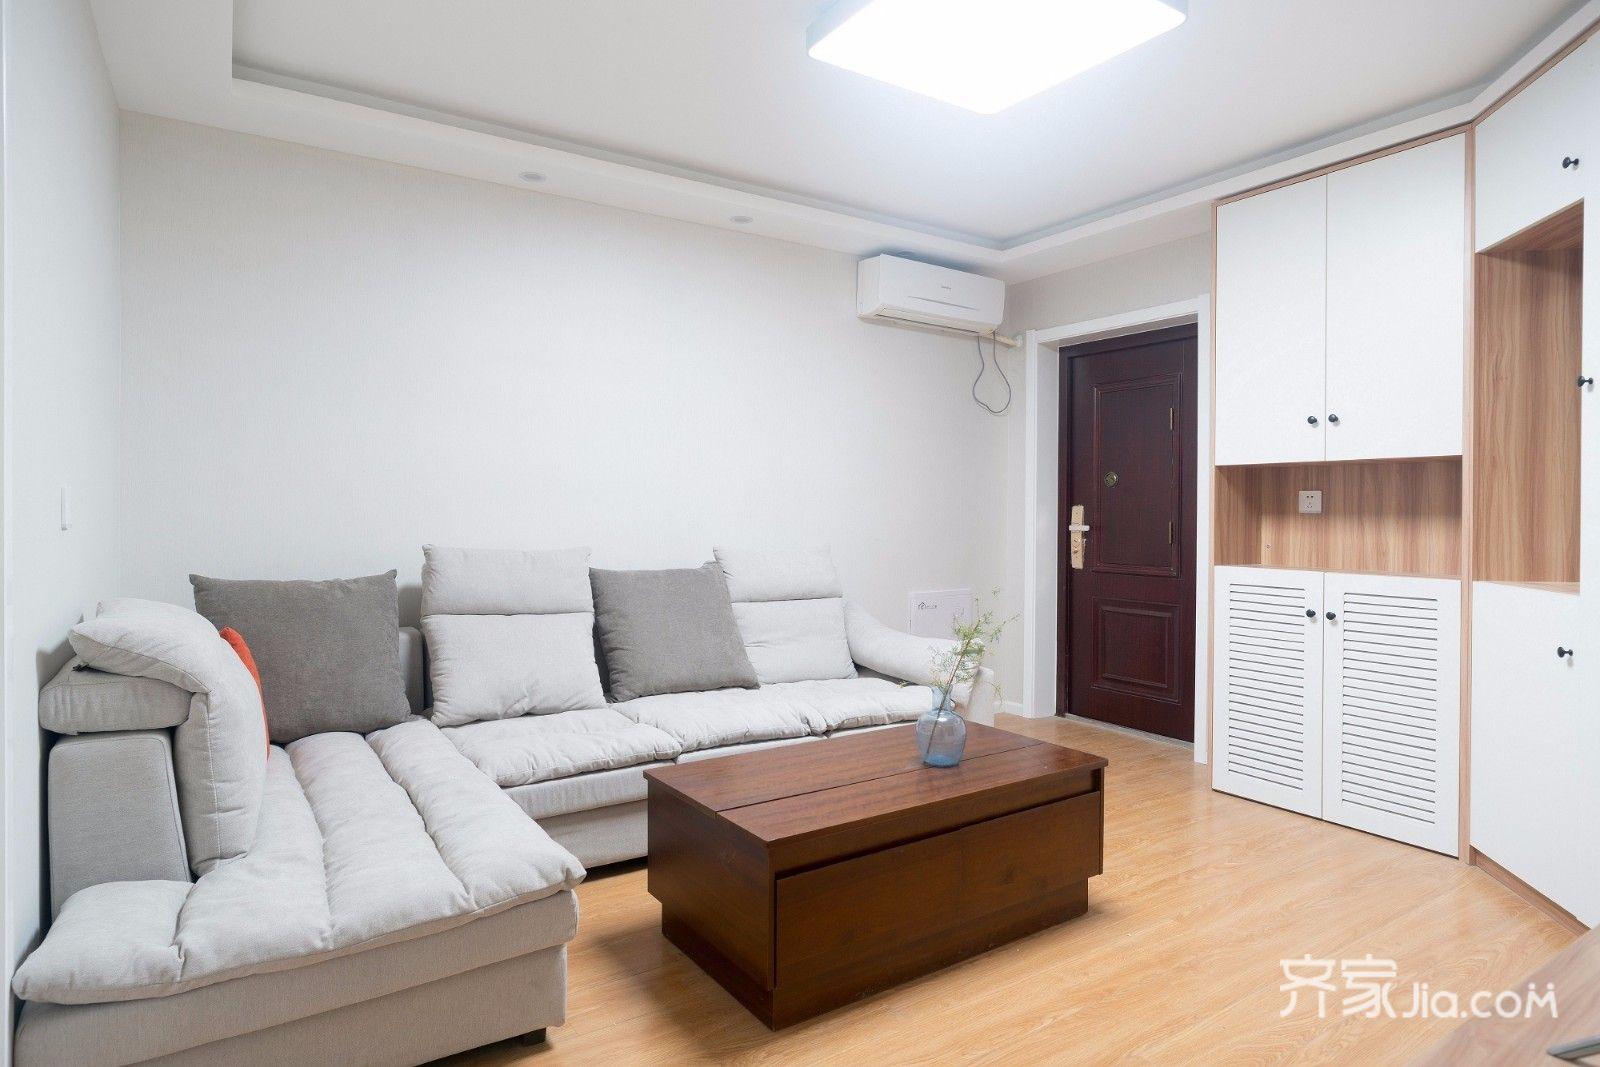 小户型简约一居室客厅装修效果图